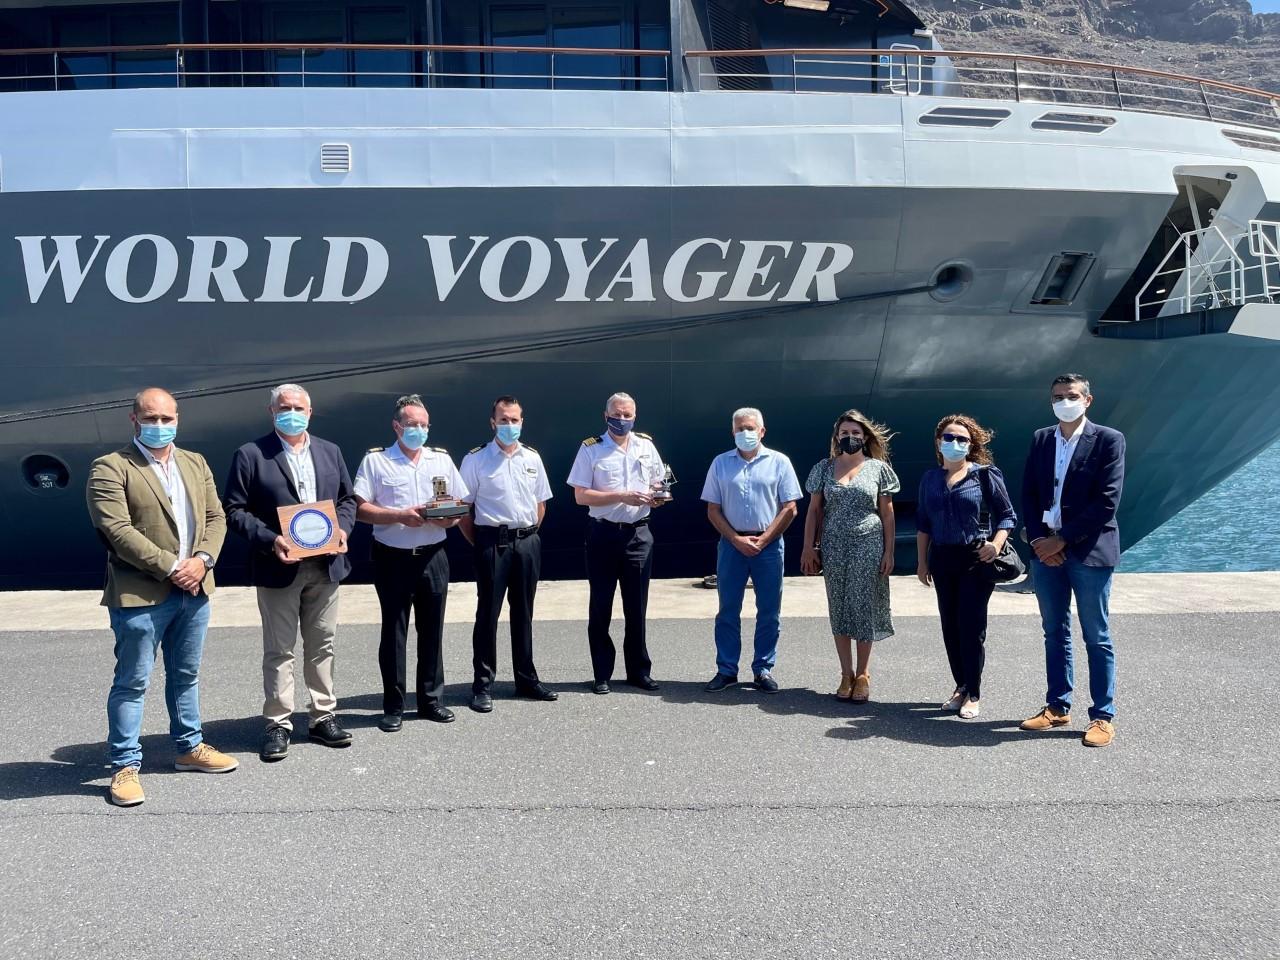 Puerto de Vueltas. World Voyager/ canariasnoticias